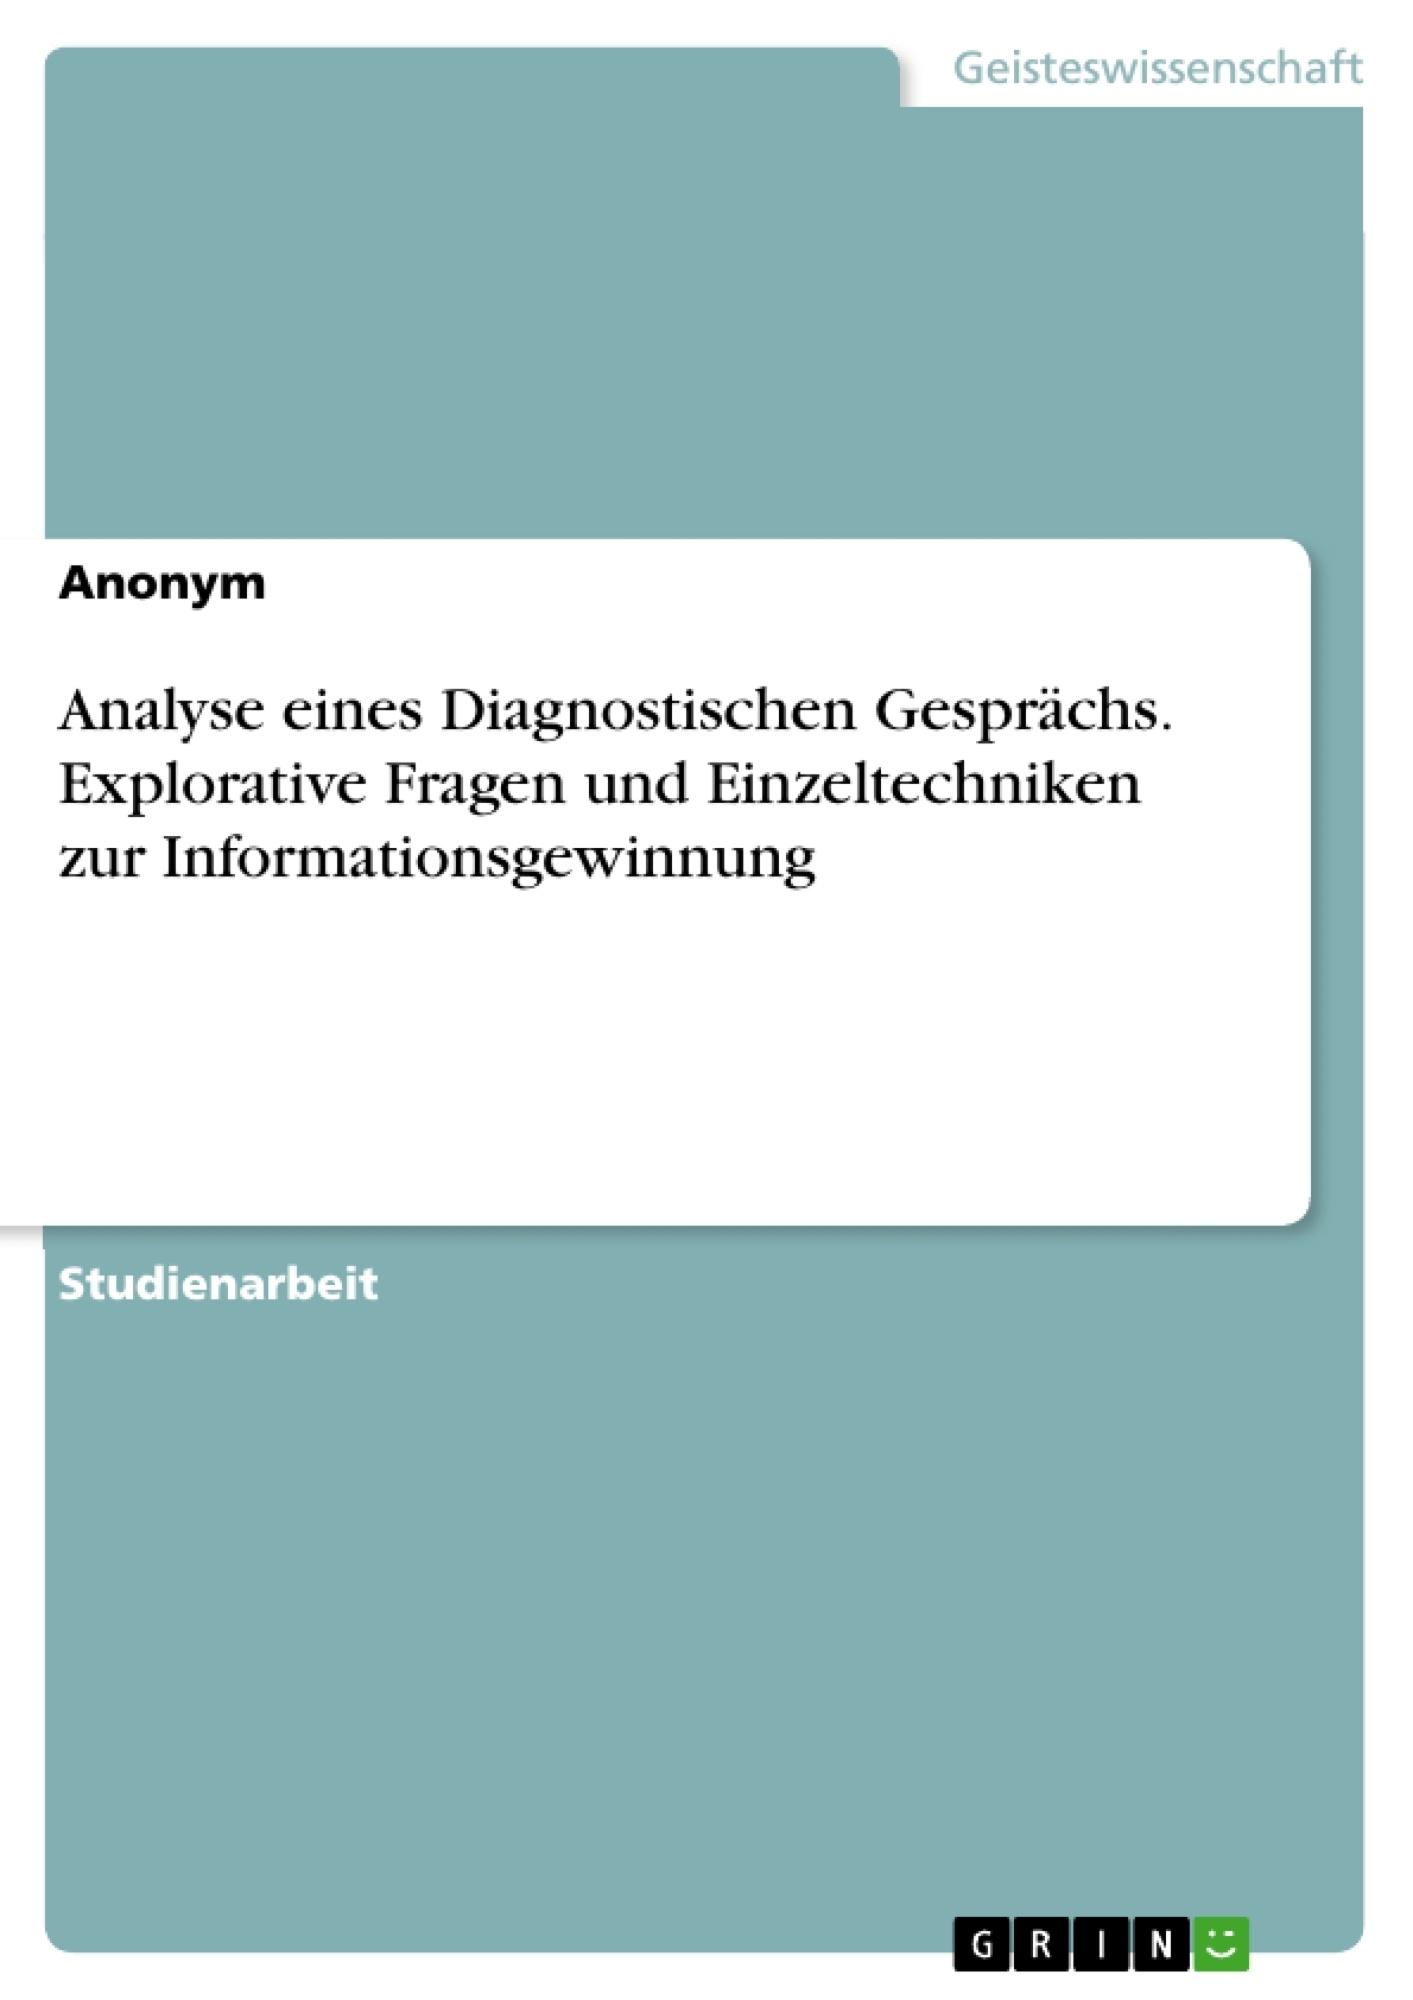 Titel: Analyse eines Diagnostischen Gesprächs. Explorative Fragen und Einzeltechniken zur Informationsgewinnung